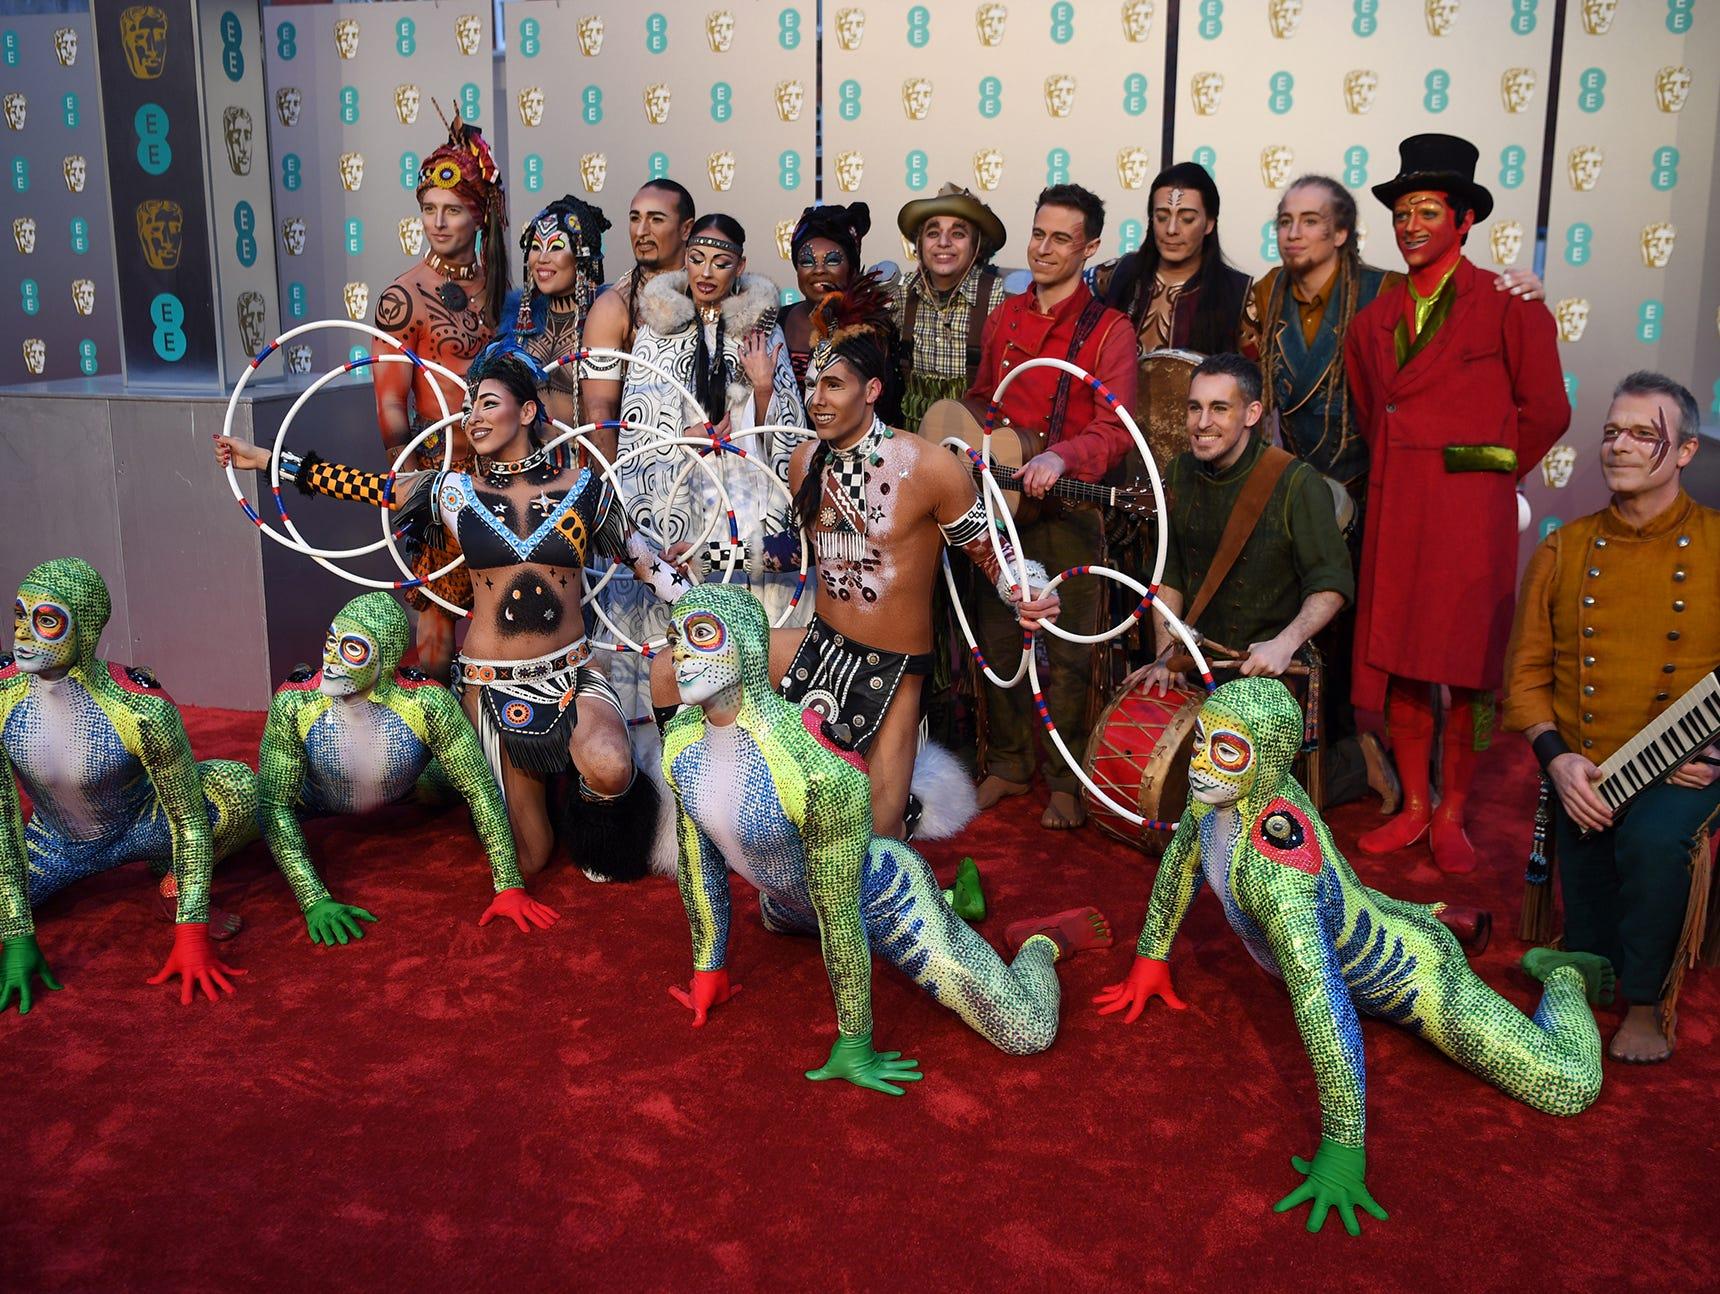 The cast of Cirque du Soleil.